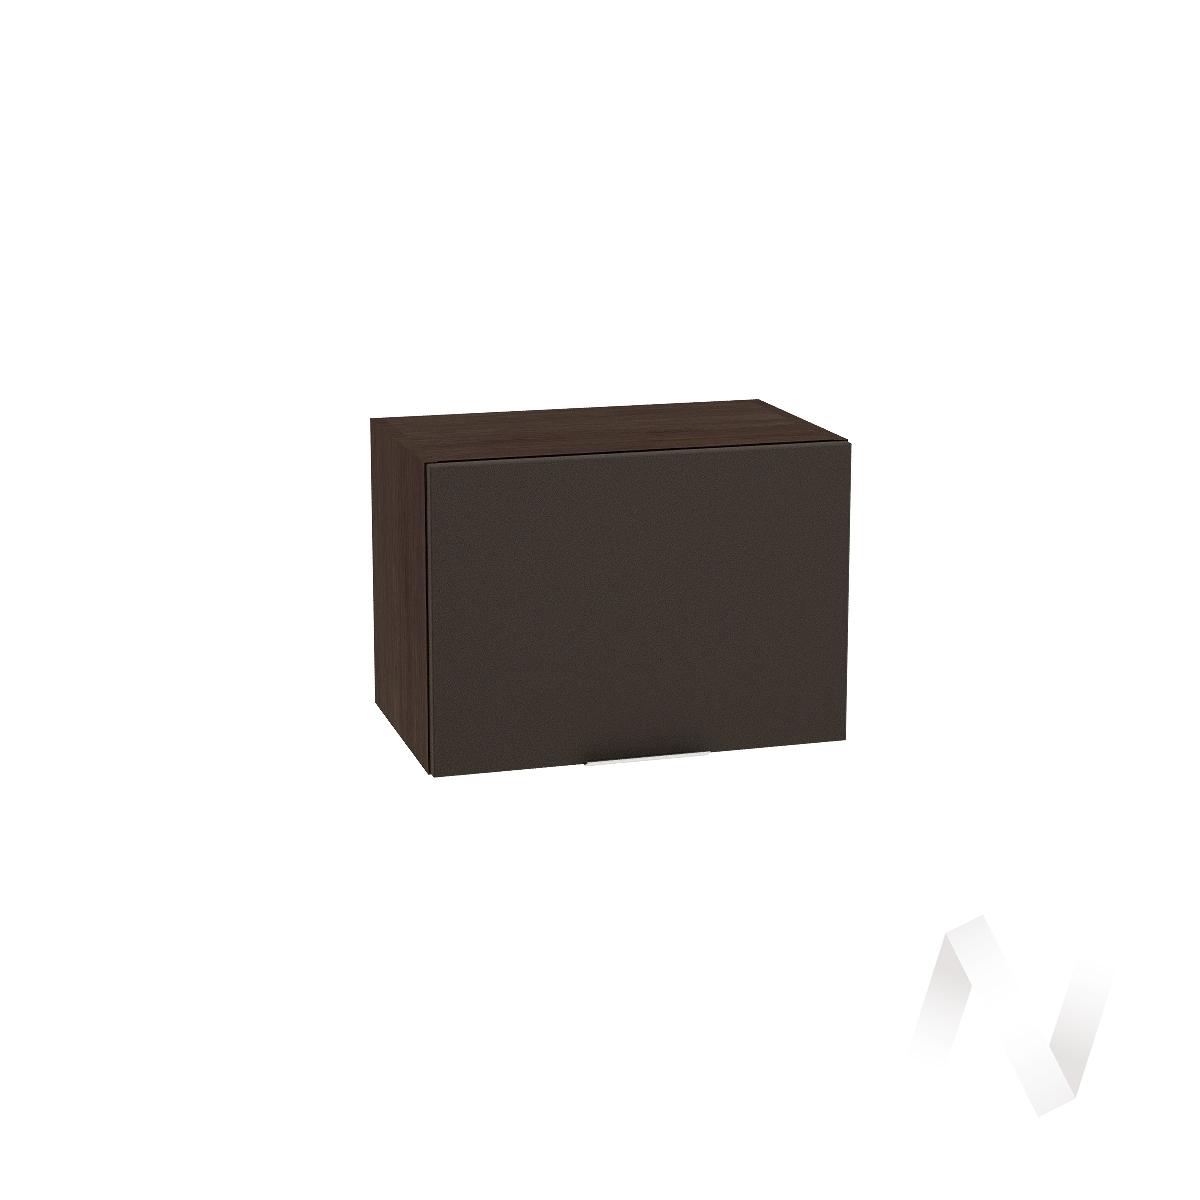 """Кухня """"Терра"""": Шкаф верхний горизонтальный 500, ШВГ 500 (смоки софт/корпус венге)"""